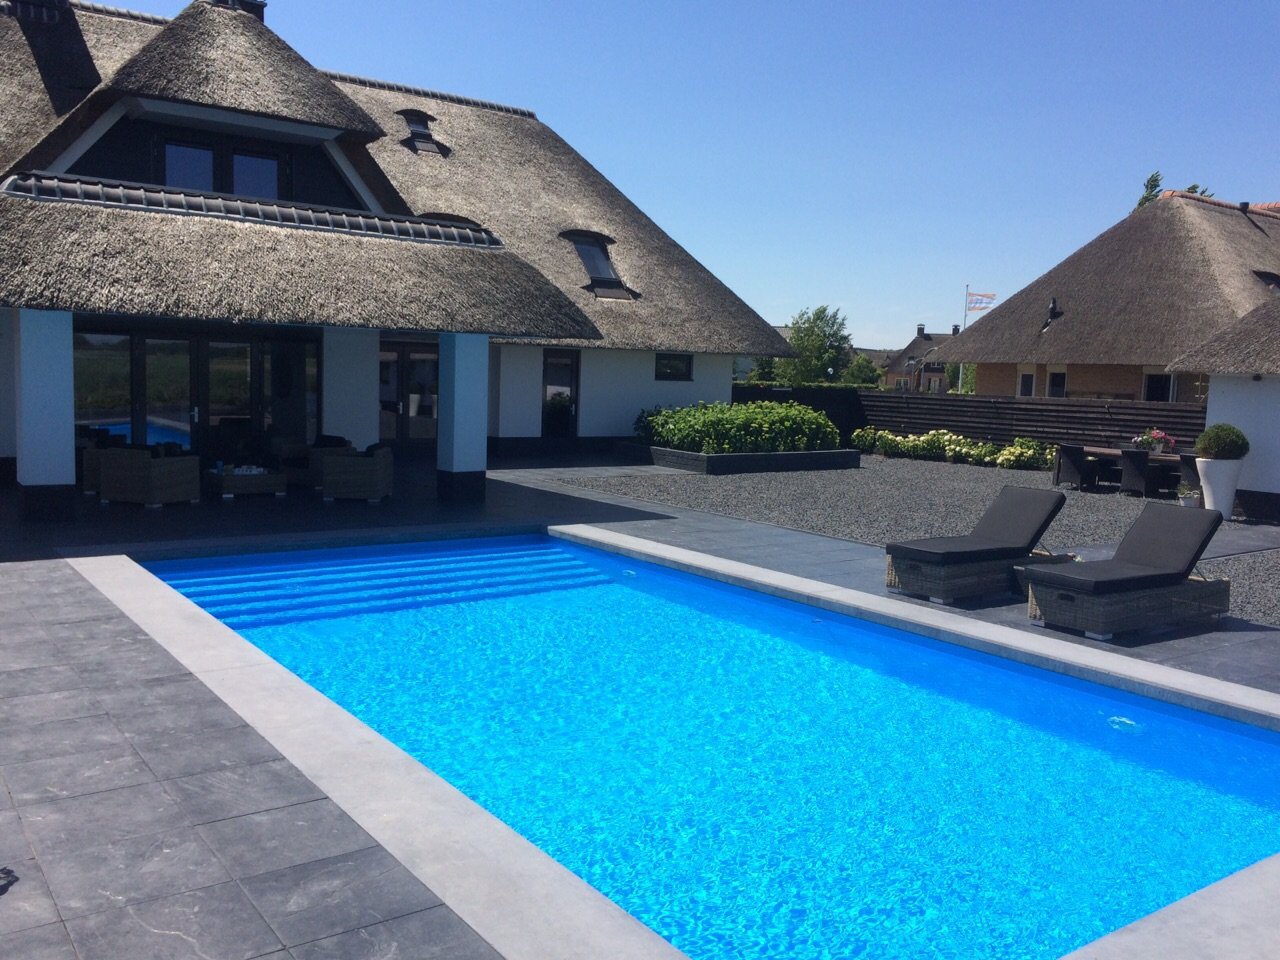 Inbouw zwembaden heerlijk thuis genieten for Zwembaden in tuin